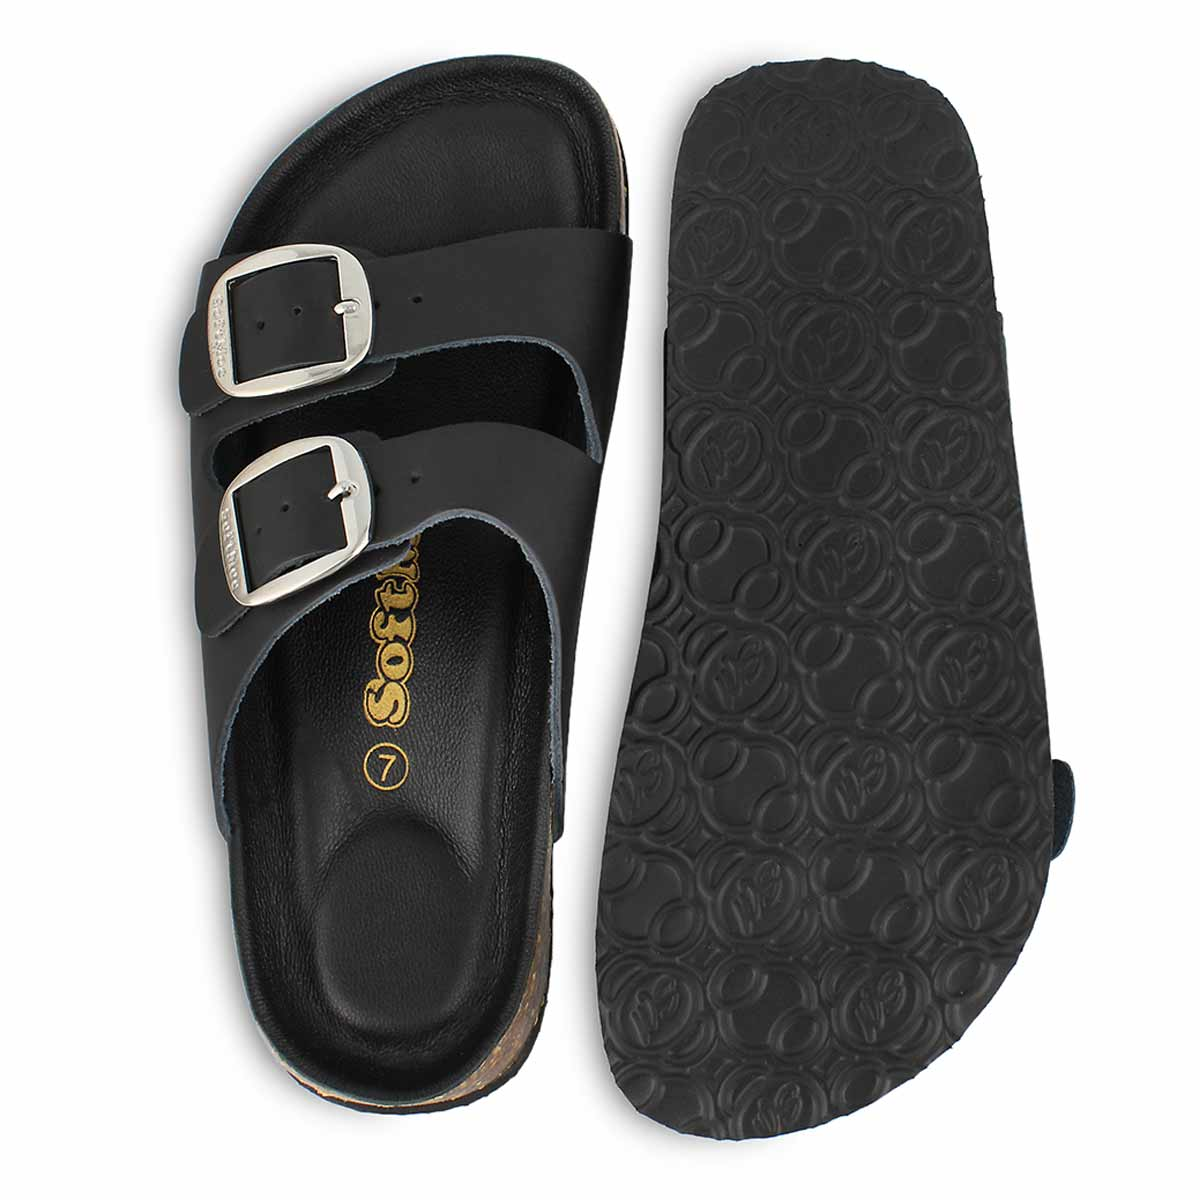 Lds Anna5 Smooth black slide sandal